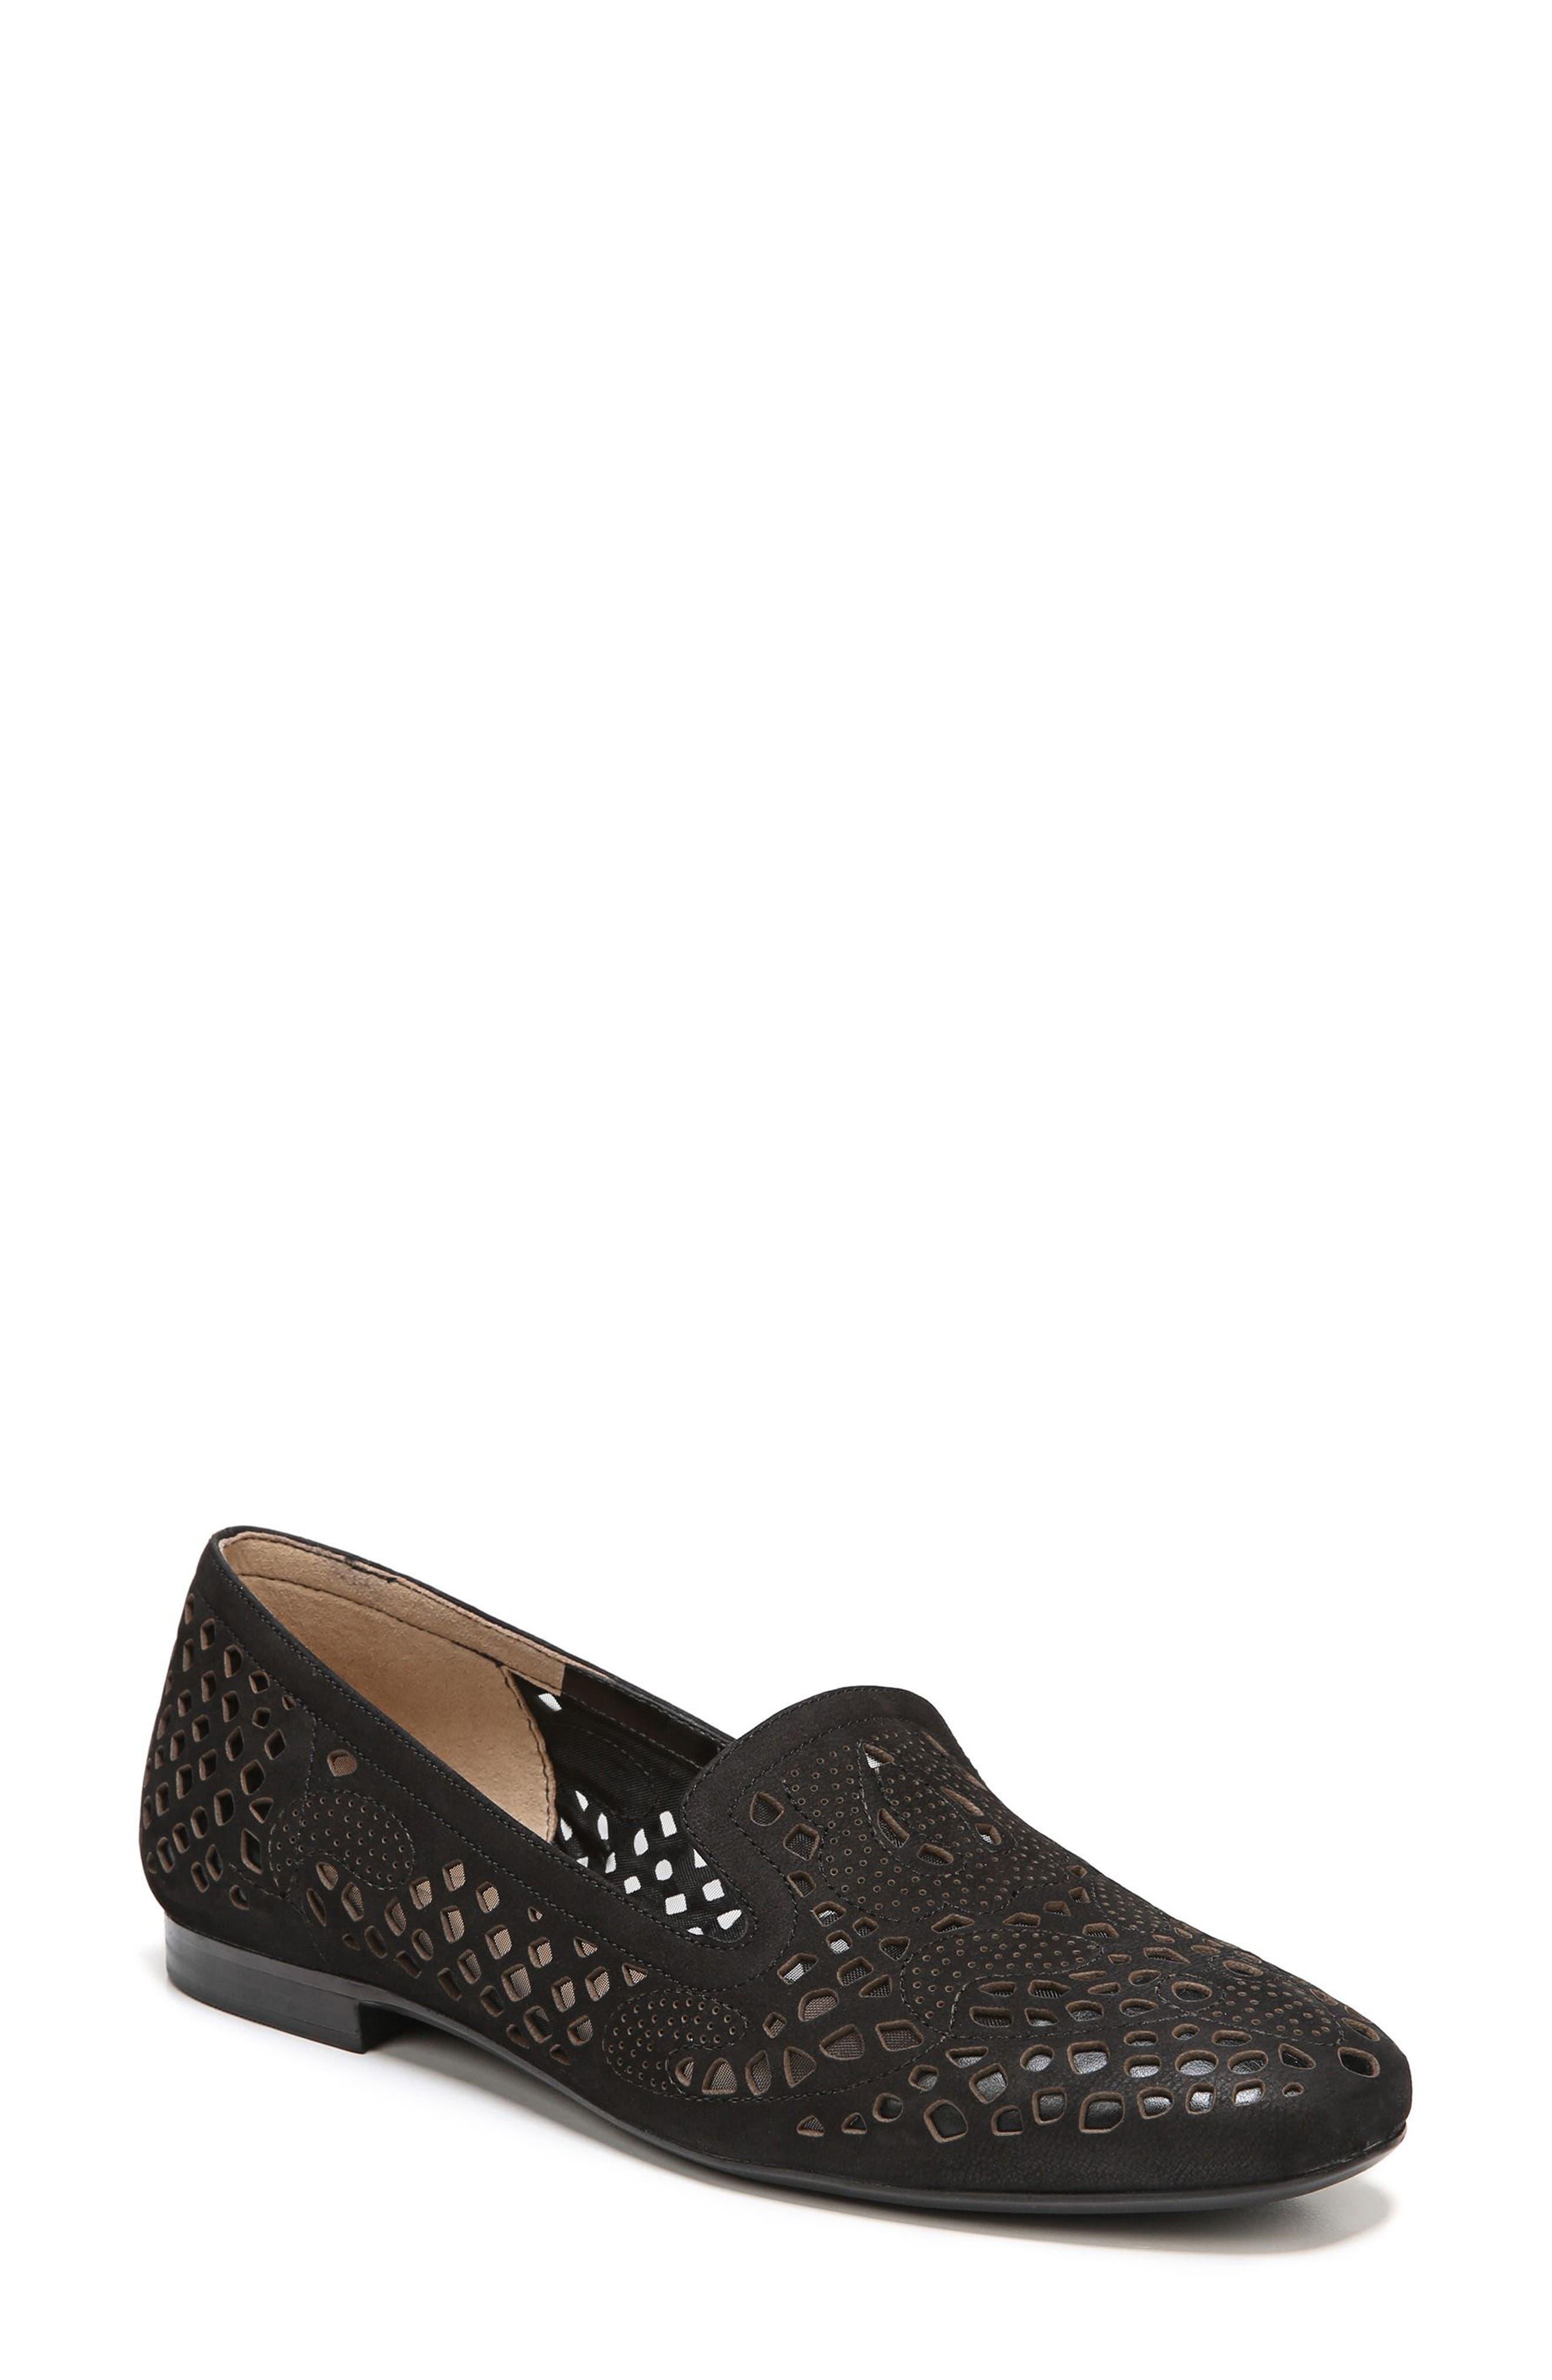 Eve Loafer,                         Main,                         color, Black Nubuck